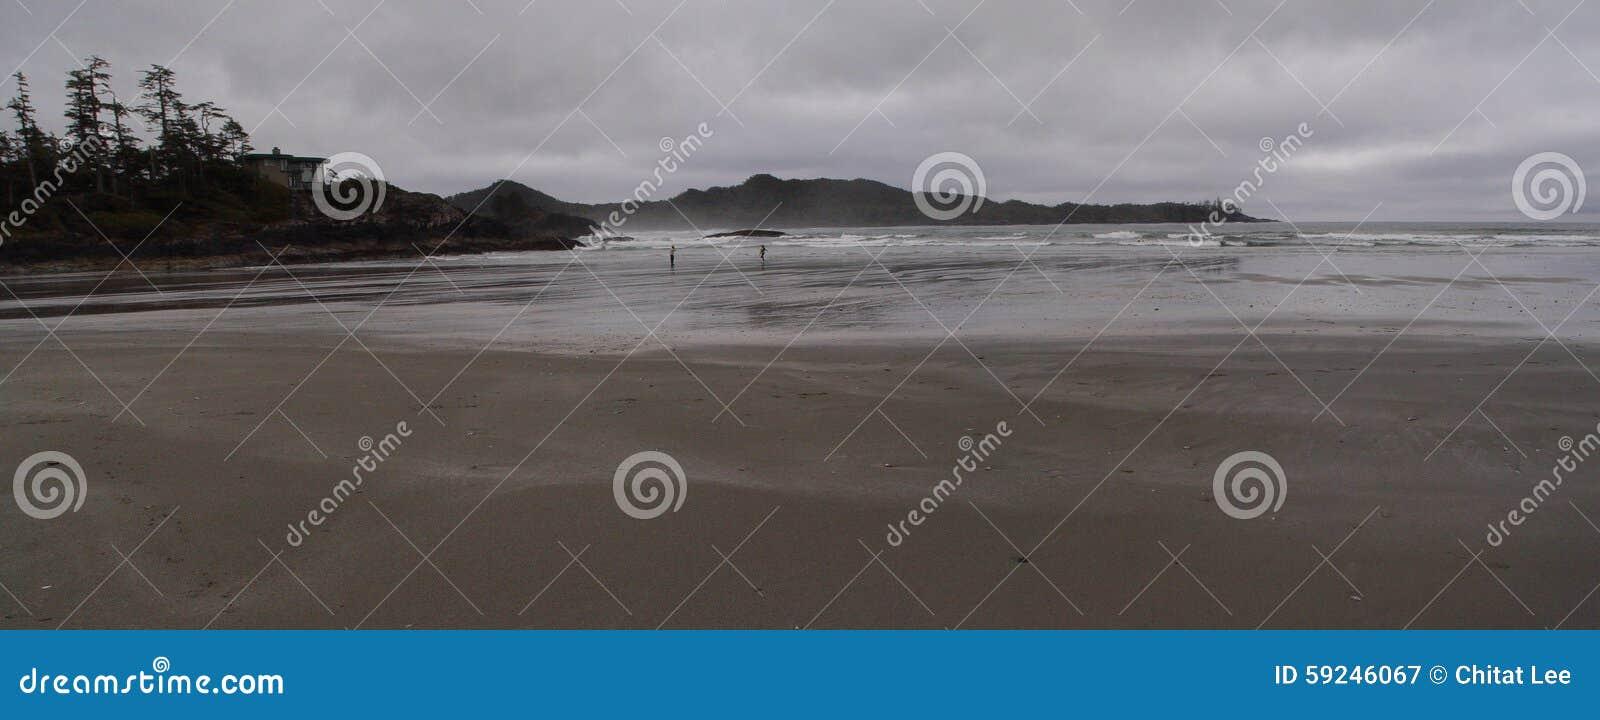 Playa de Tofino